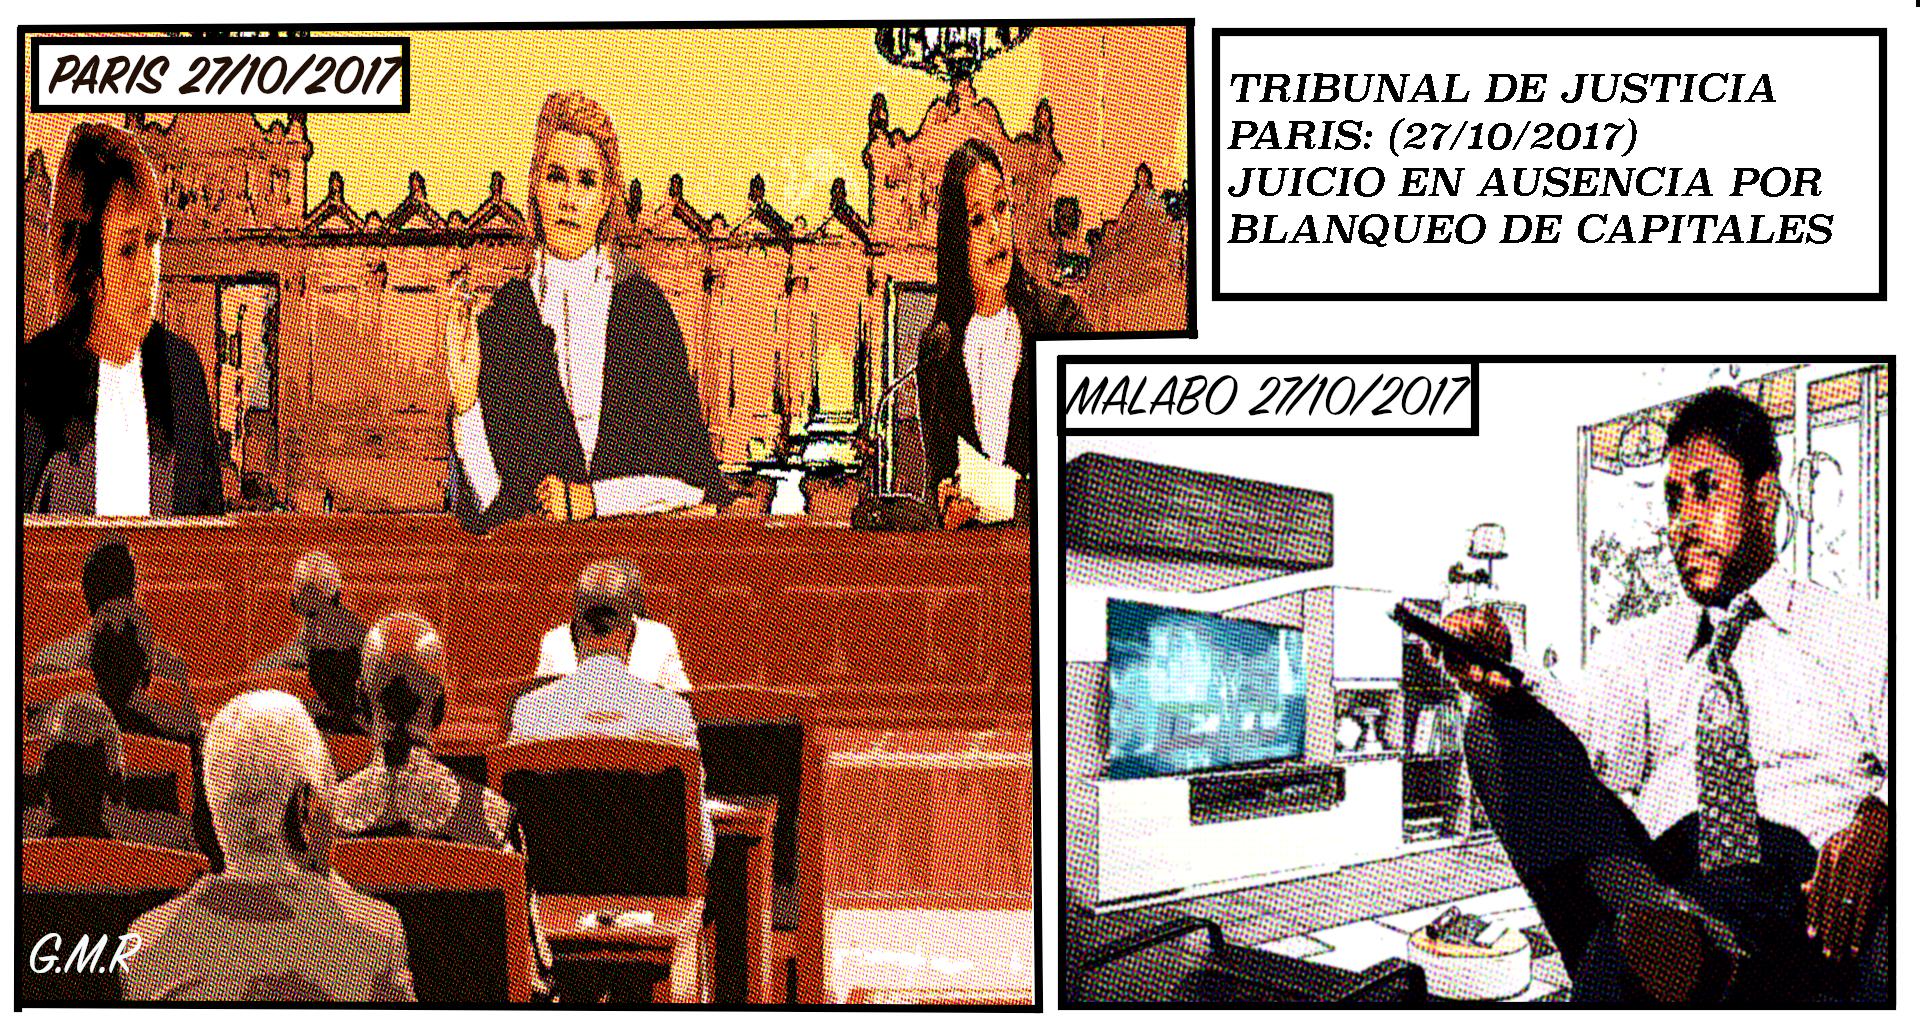 Teodorín condenado a 3 años de cárcel por corrupción en Francia